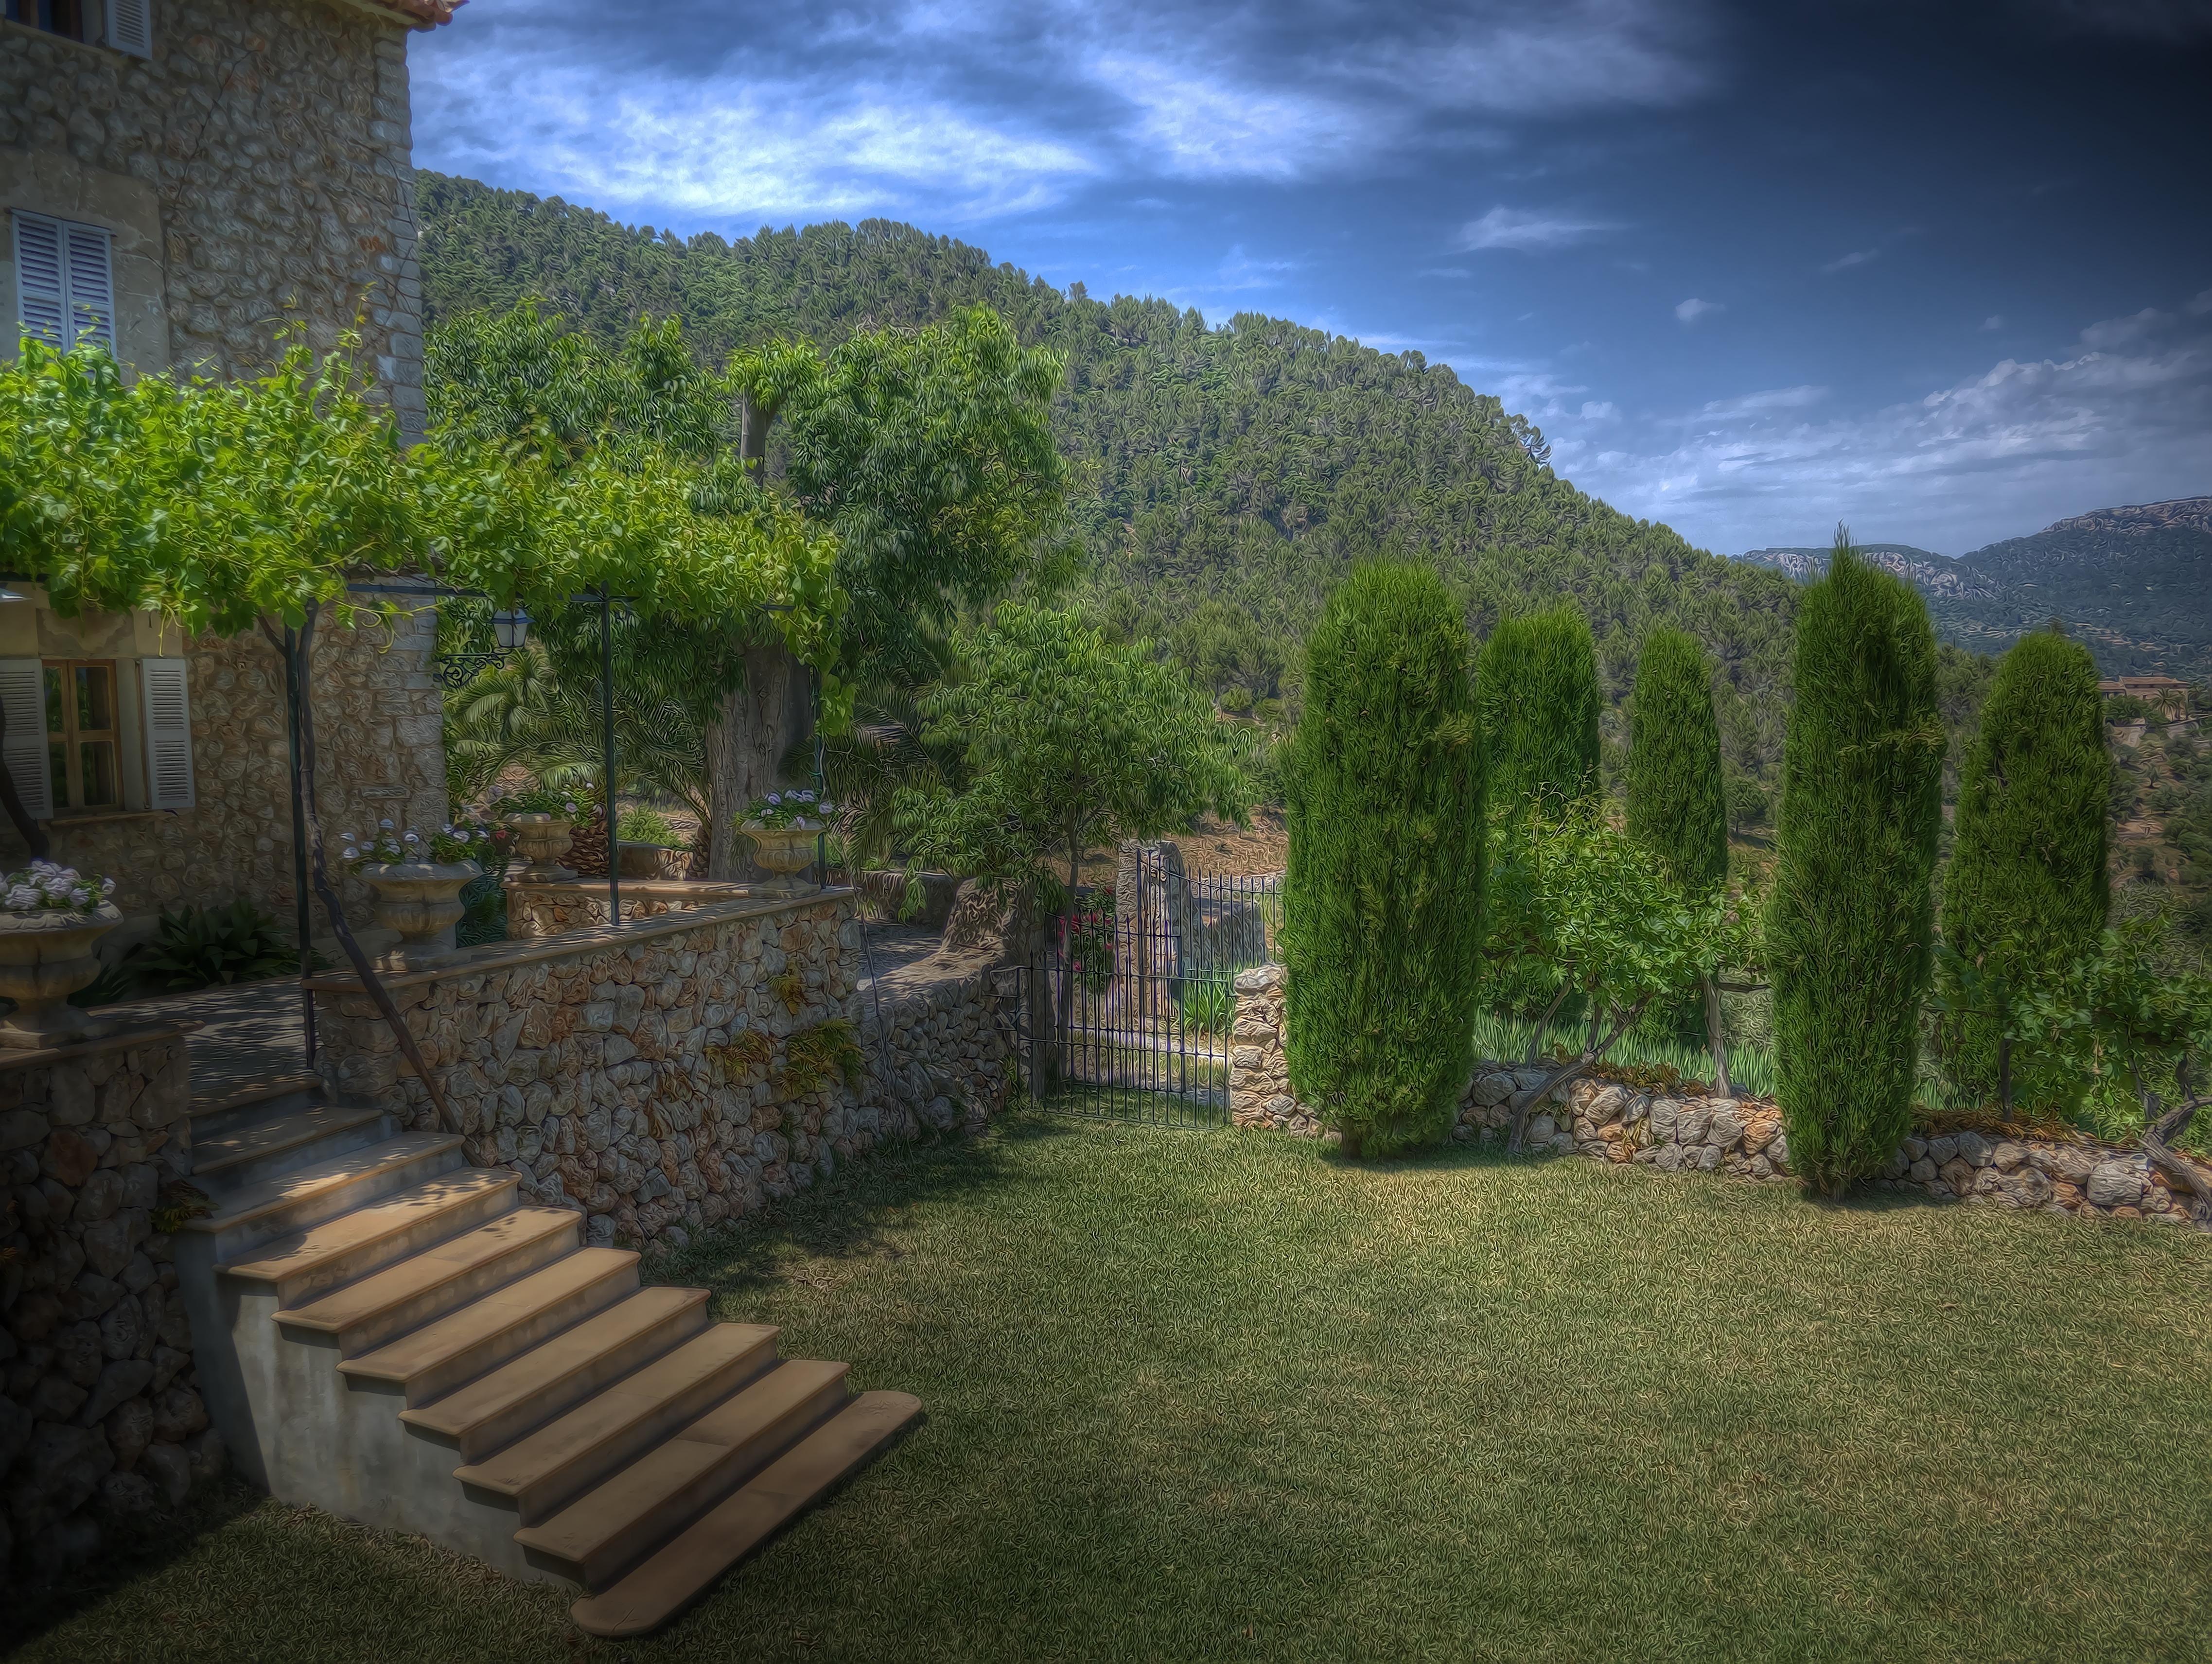 Landschaft Gras Rasen Blume Palme Hinterhof Eigentum Garten Mallorca  Immobilien Ökosystem Finca Esporles